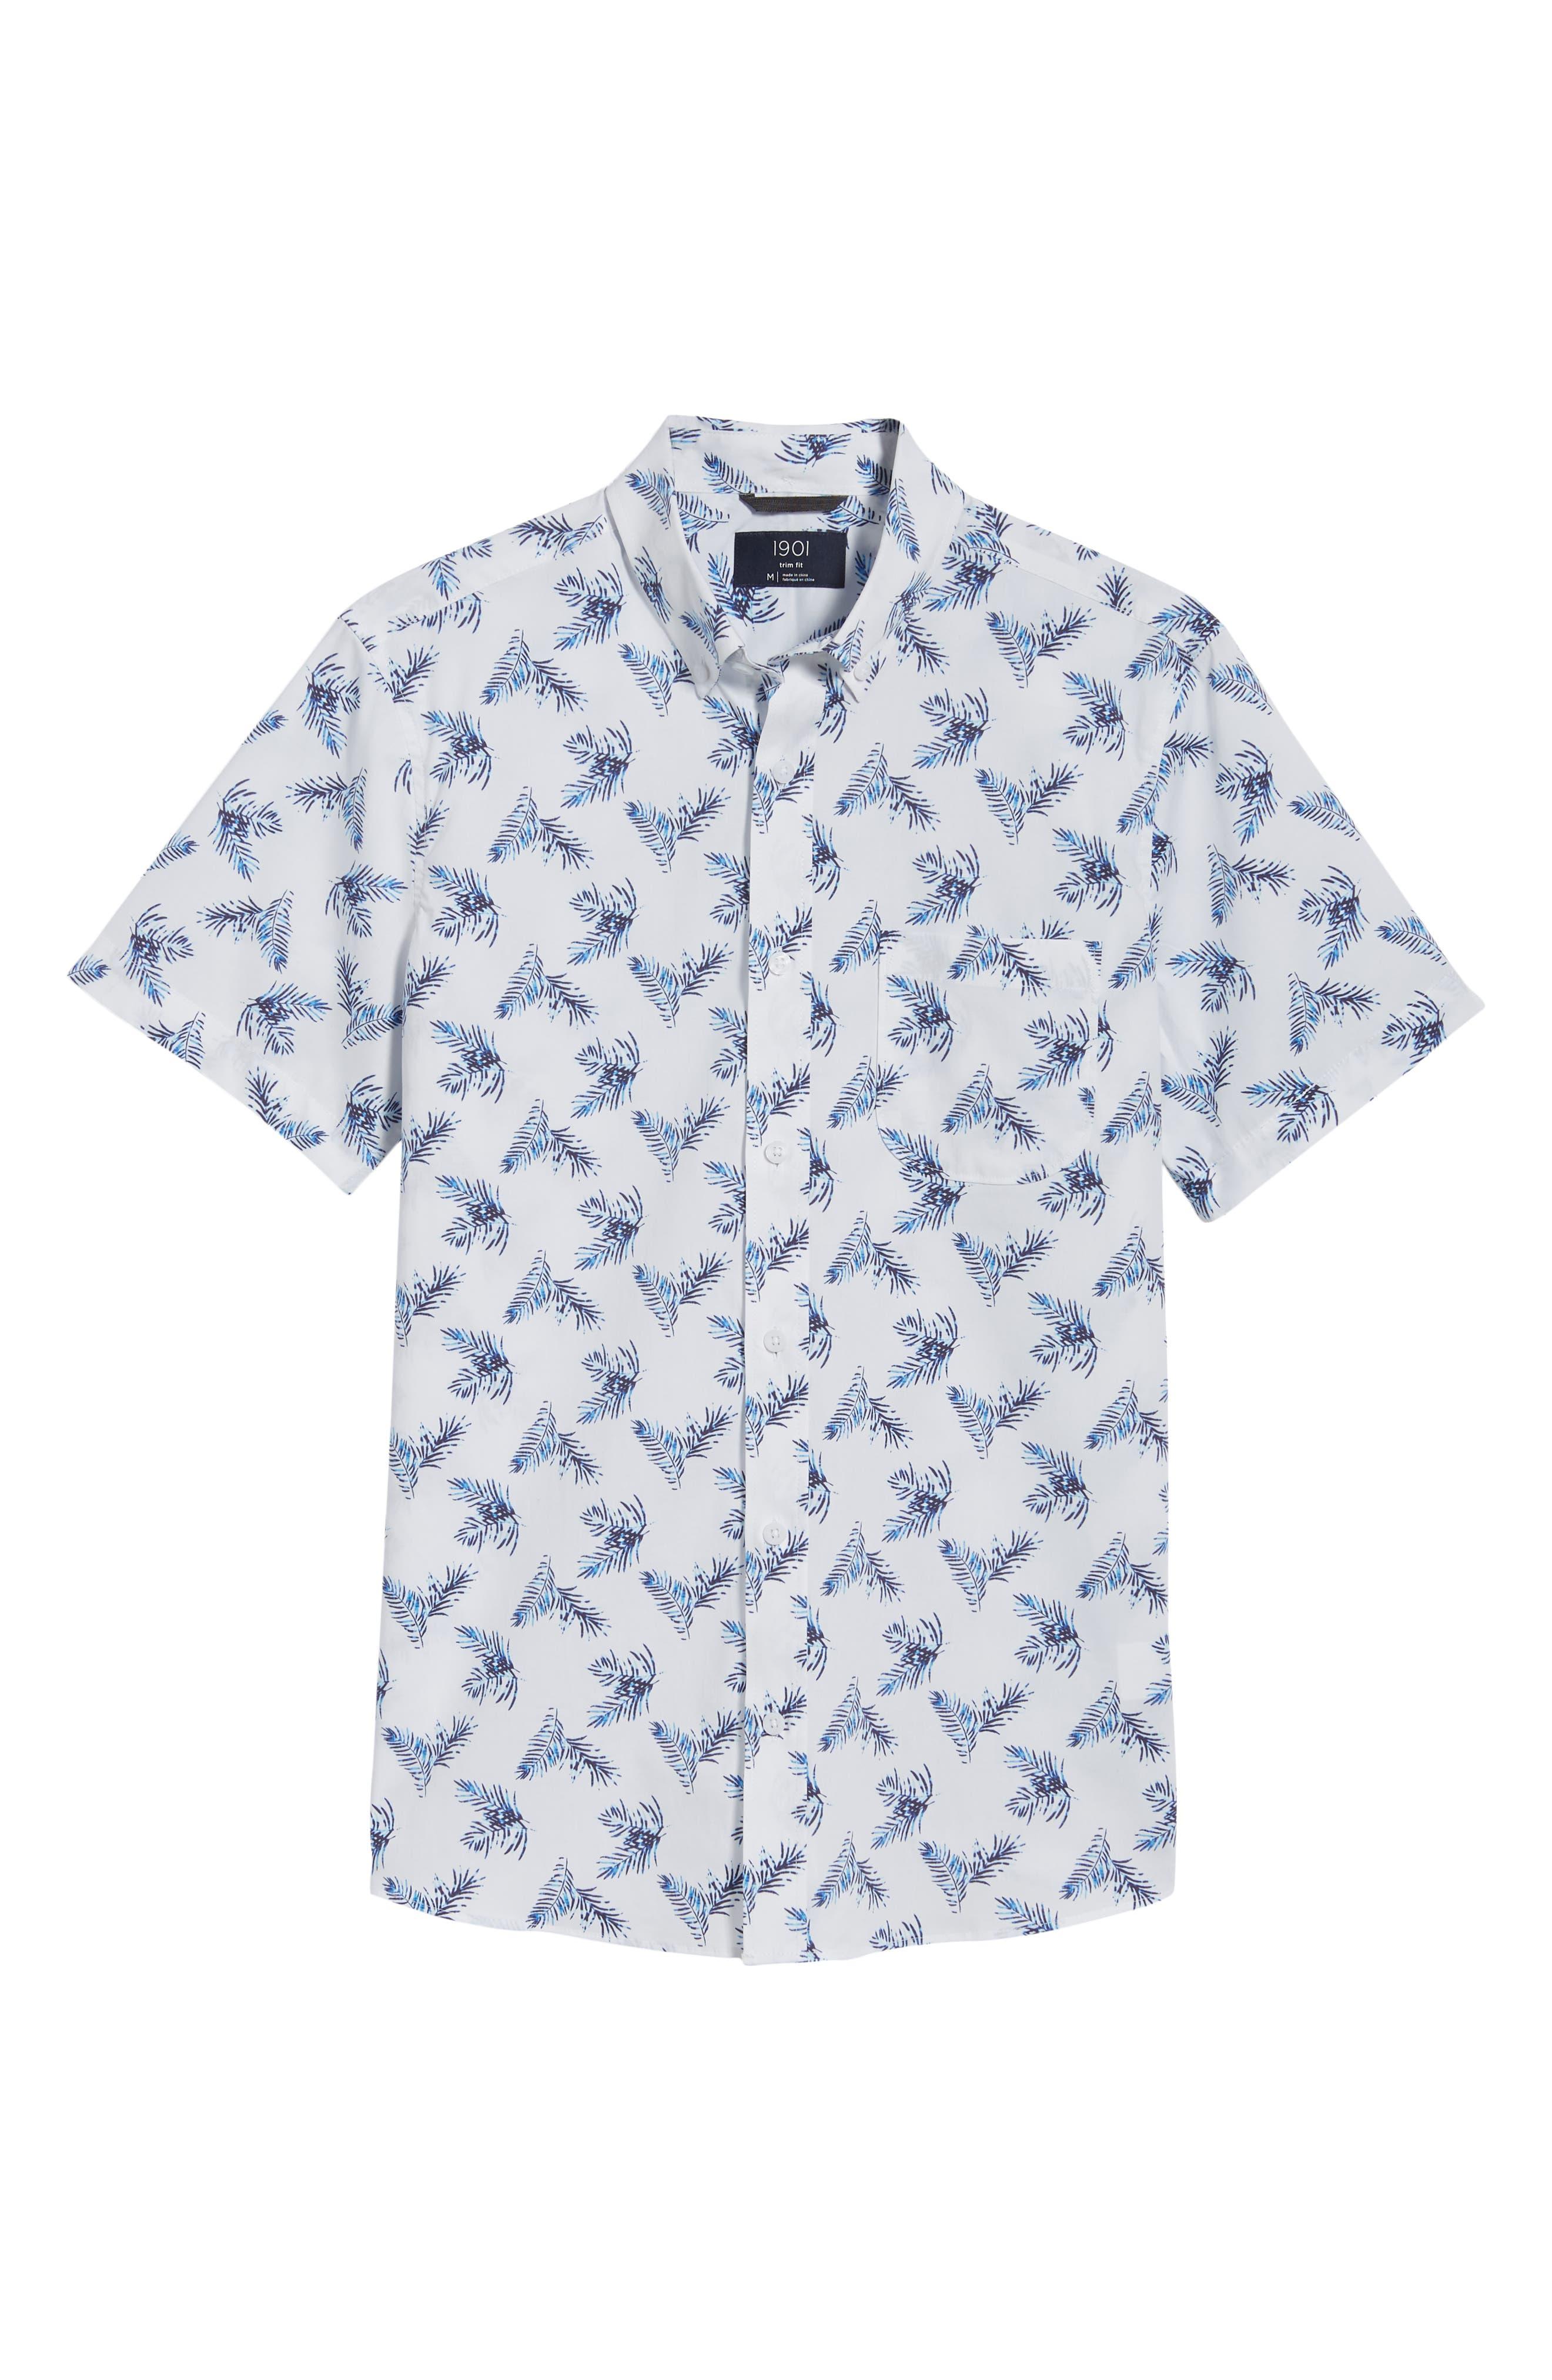 Trim Fit Palm Print Sport Shirt,                             Alternate thumbnail 6, color,                             100